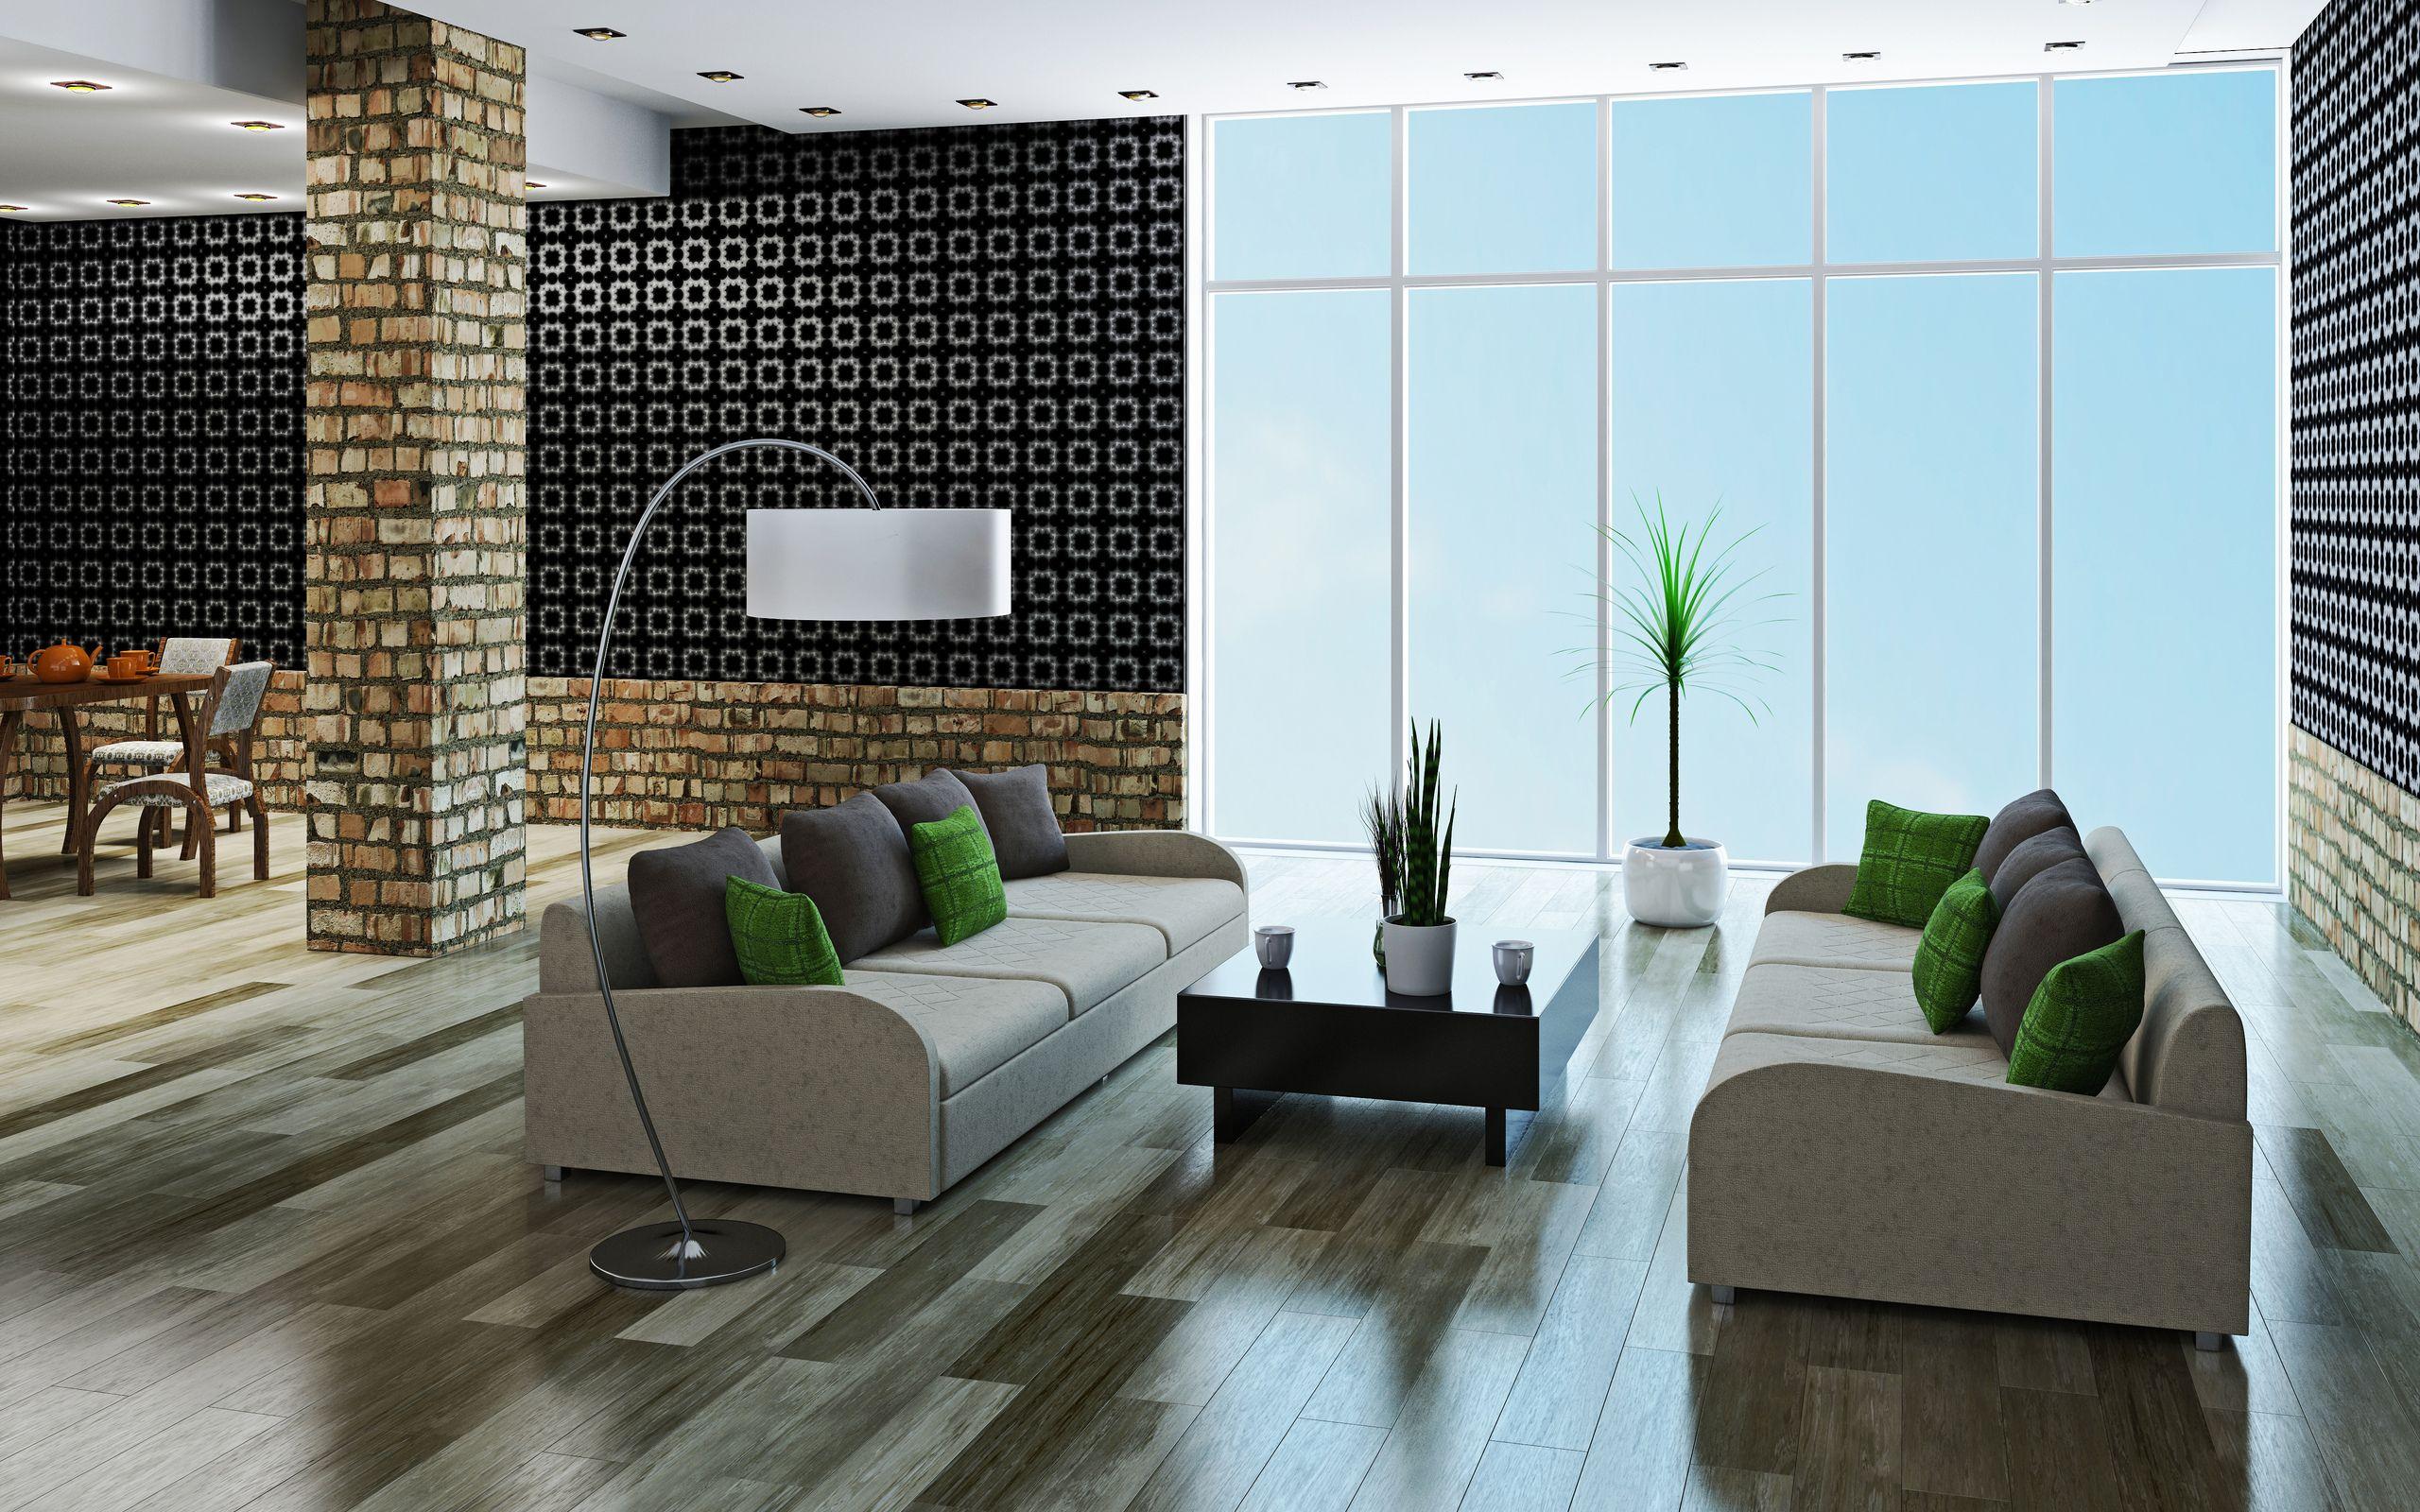 Modernes Wohnzimmer-Design #deko #dekoration #dekorationsidee #home ...